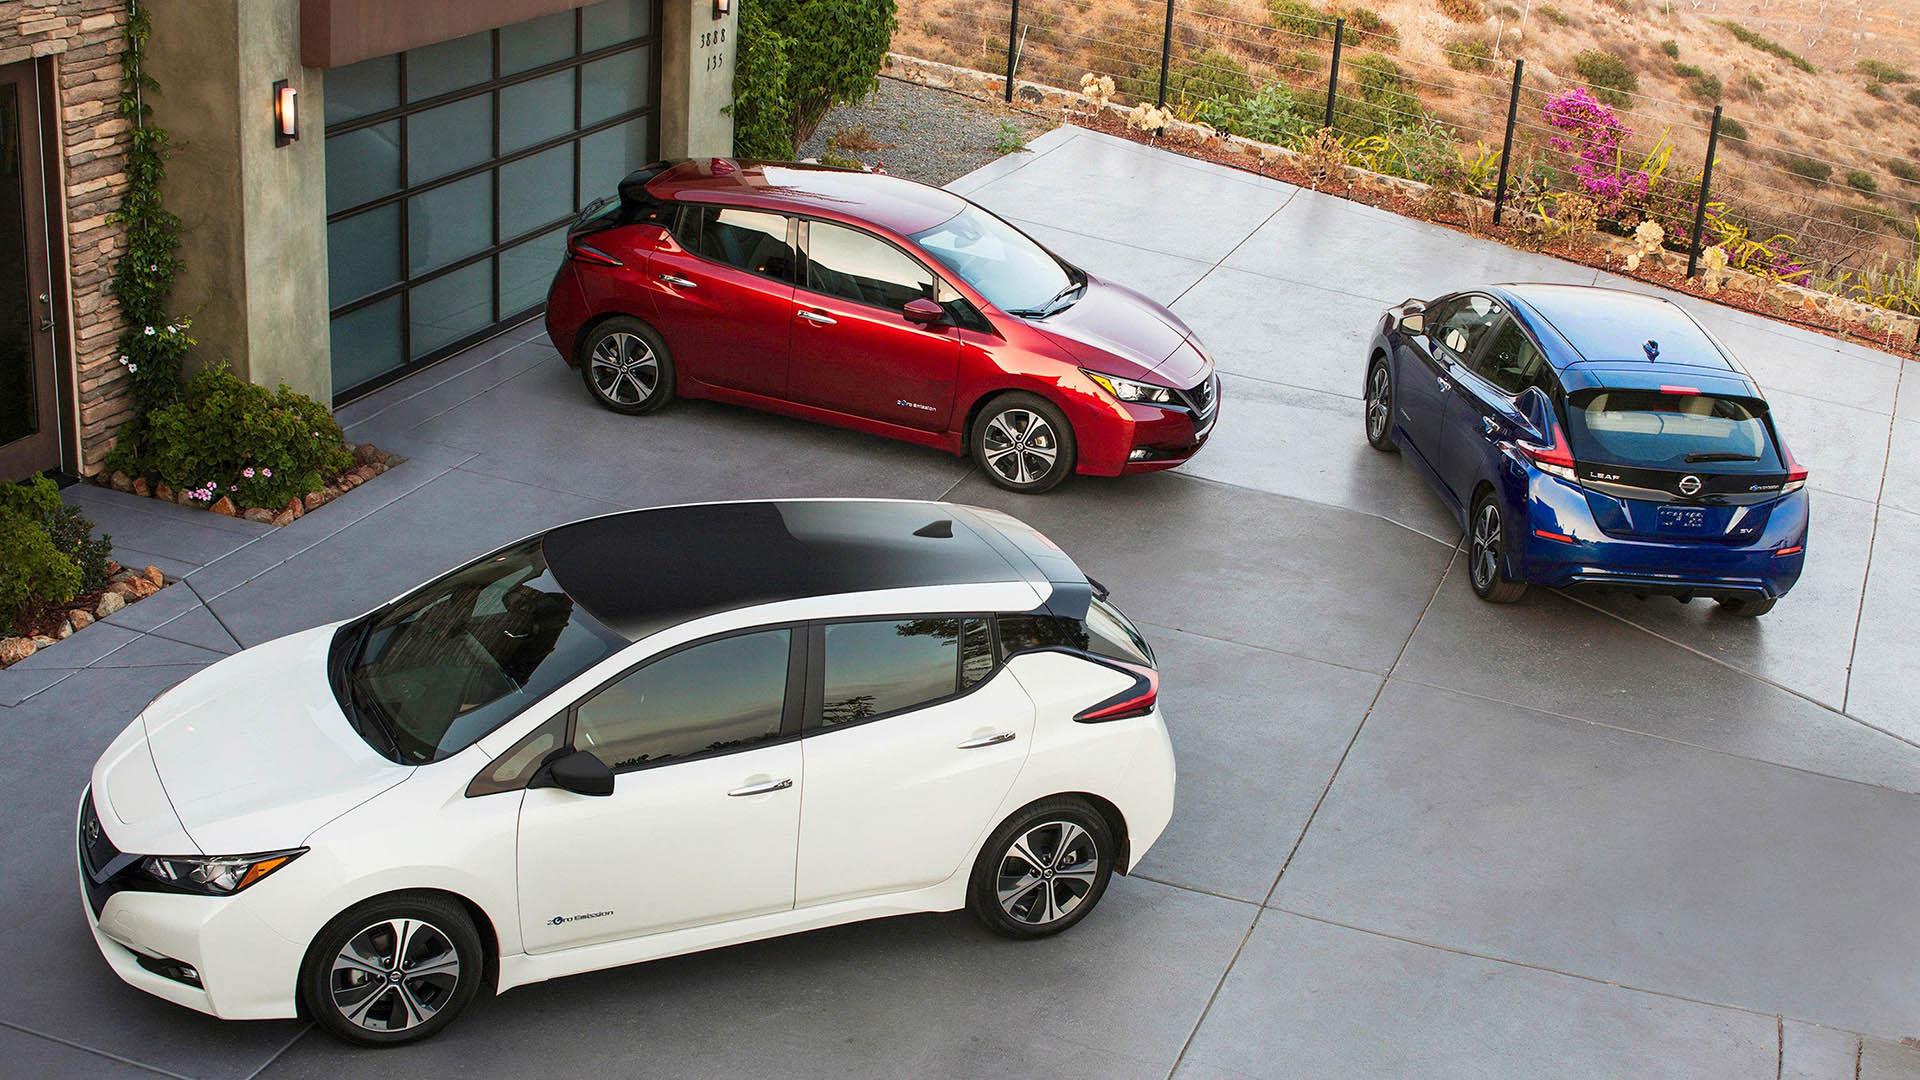 Έρευνα: Επτά στους δέκα δηλώνουν έτοιμοι να αγοράσουν ηλεκτρικό αυτοκίνητο